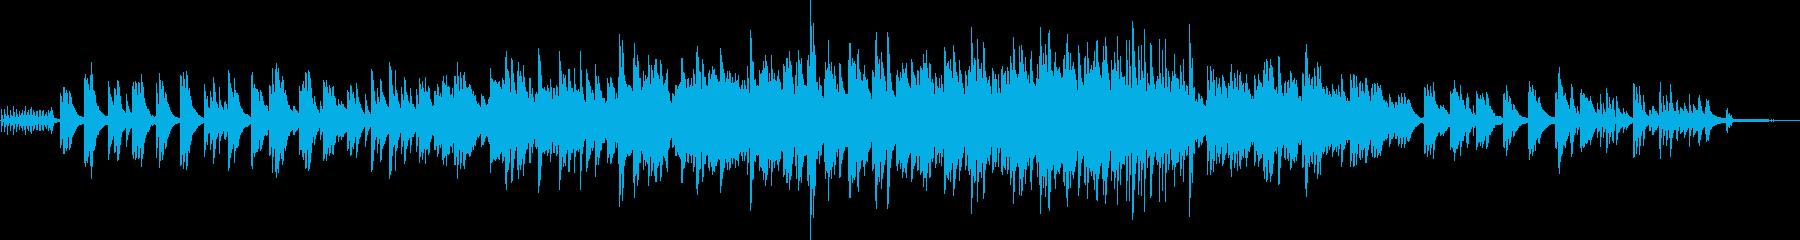 安心感のあるピアノ&シンセのアンサンブルの再生済みの波形